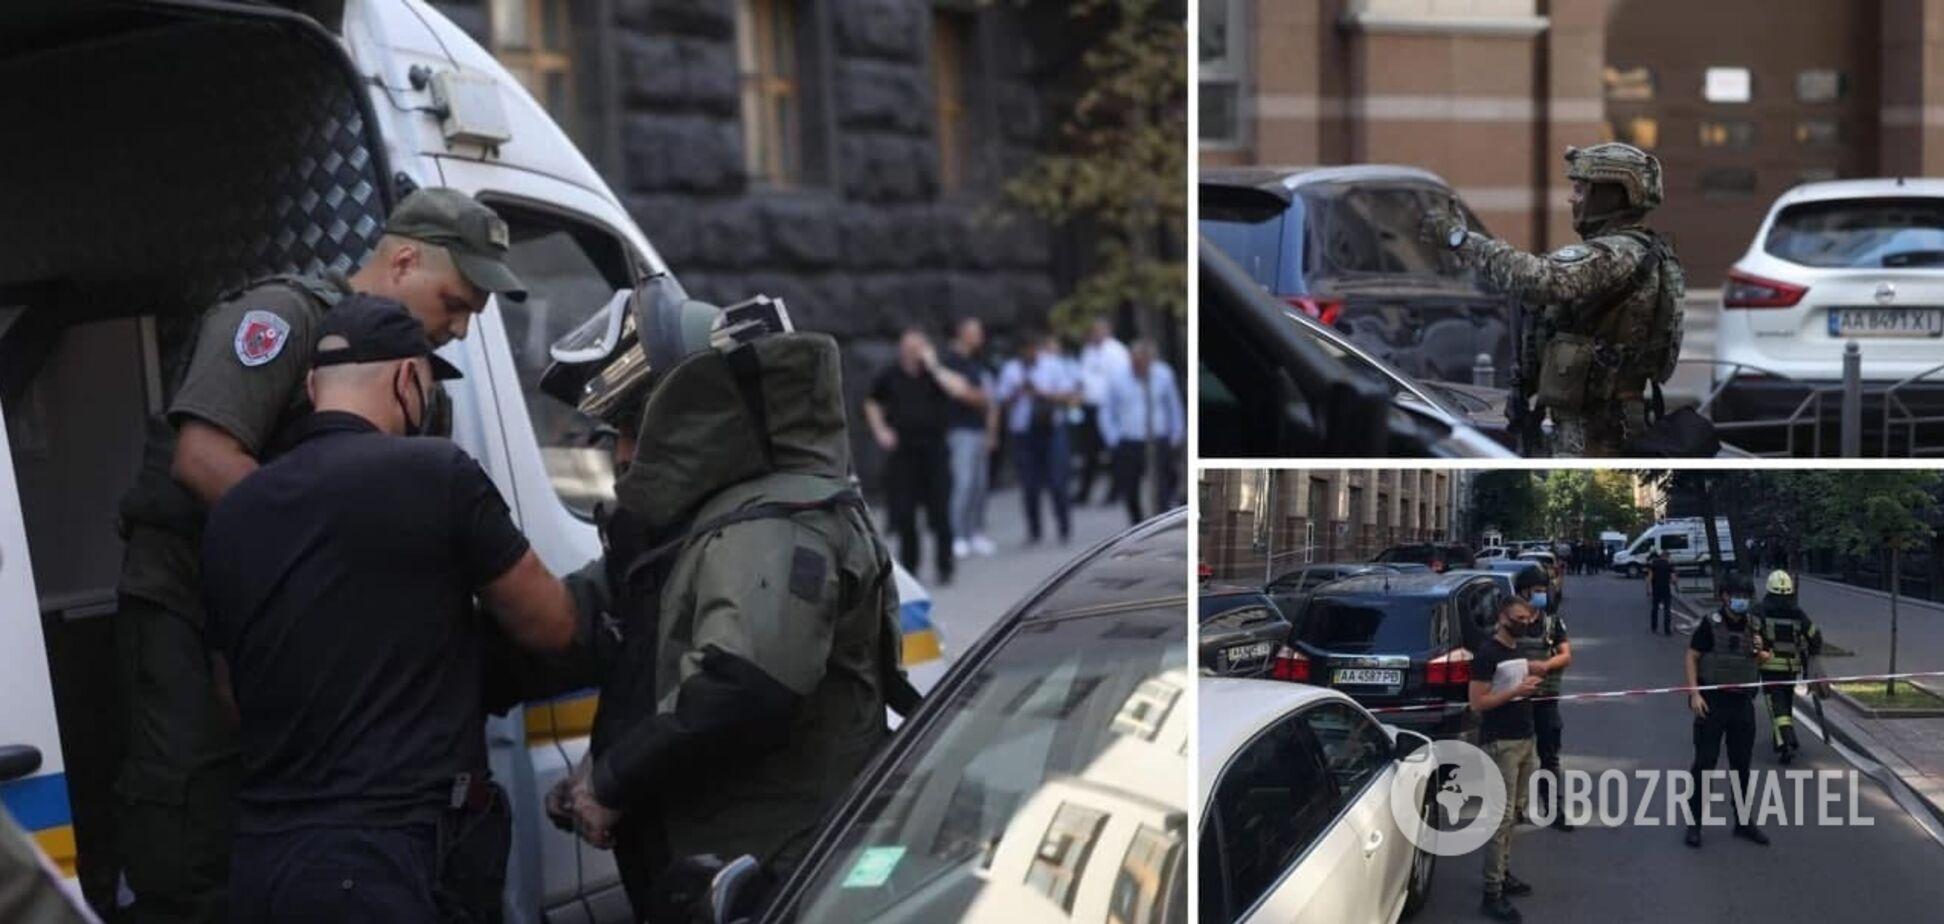 В Кабмин ворвался мужчина с гранатой и угрожал устроить взрыв: его задержали. Фото, видео и все подробности